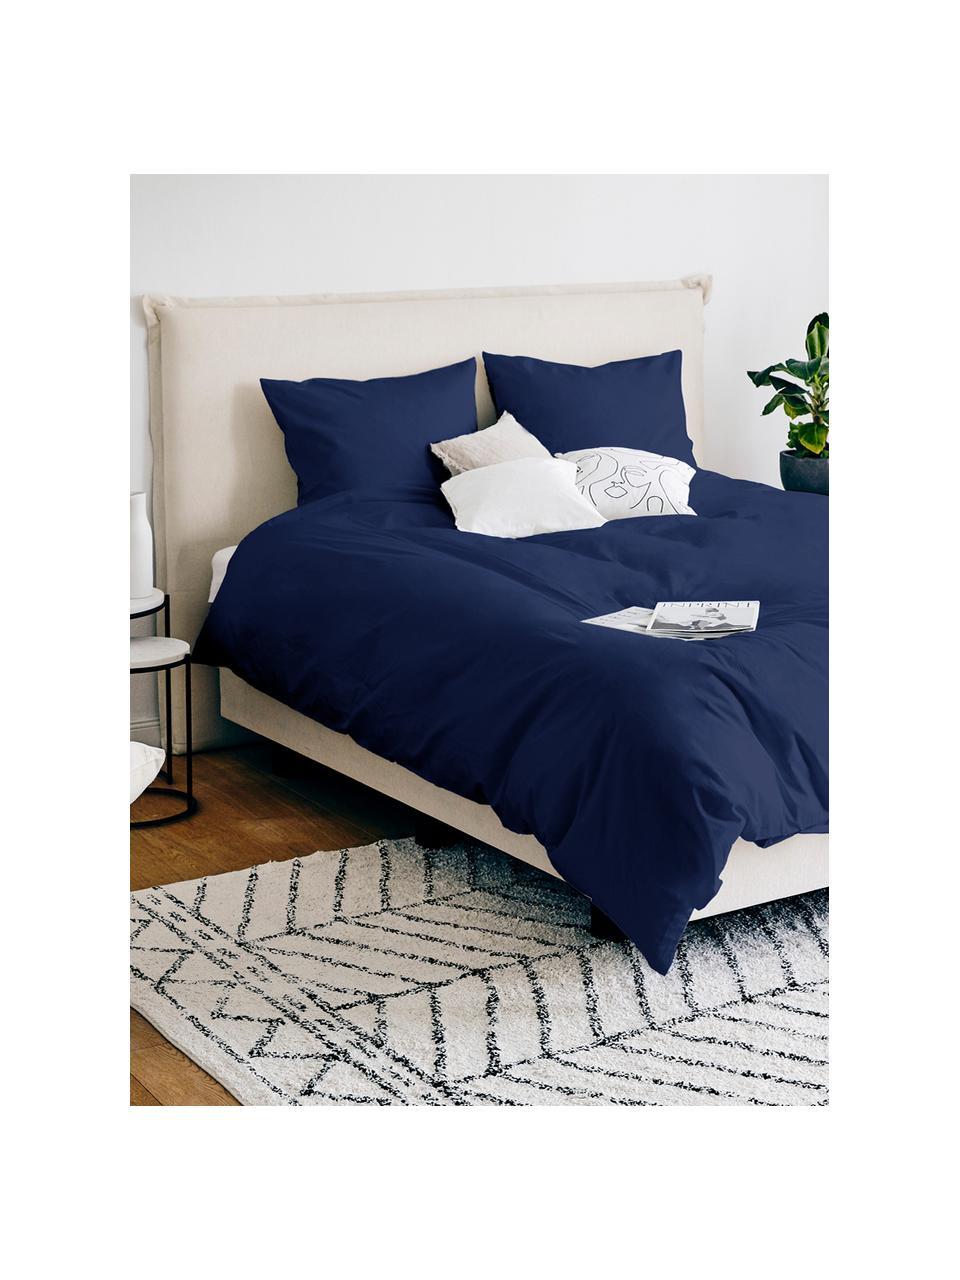 Katoensatijnen dekbedovertrek Comfort, Weeftechniek: satijn, licht glanzend, Donkerblauw, 240 x 220 cm